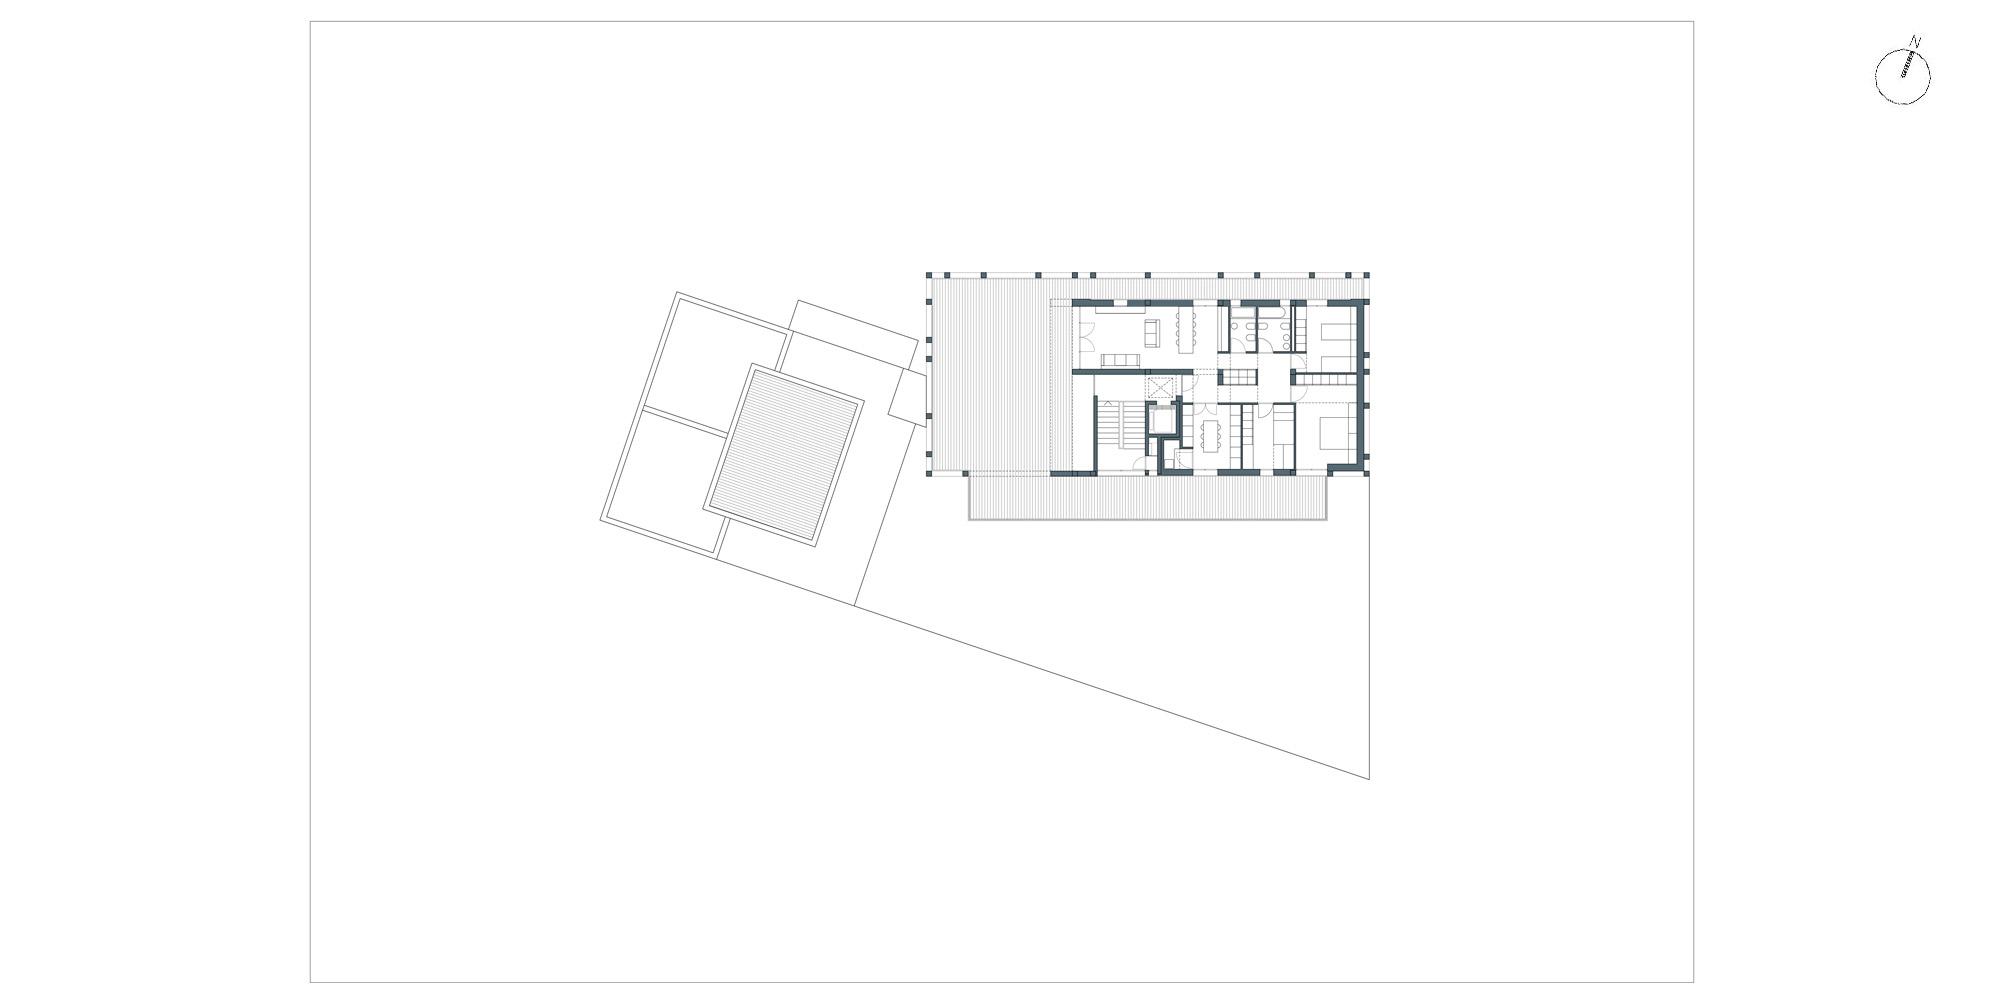 Pianta piano attico © Netti Architetti